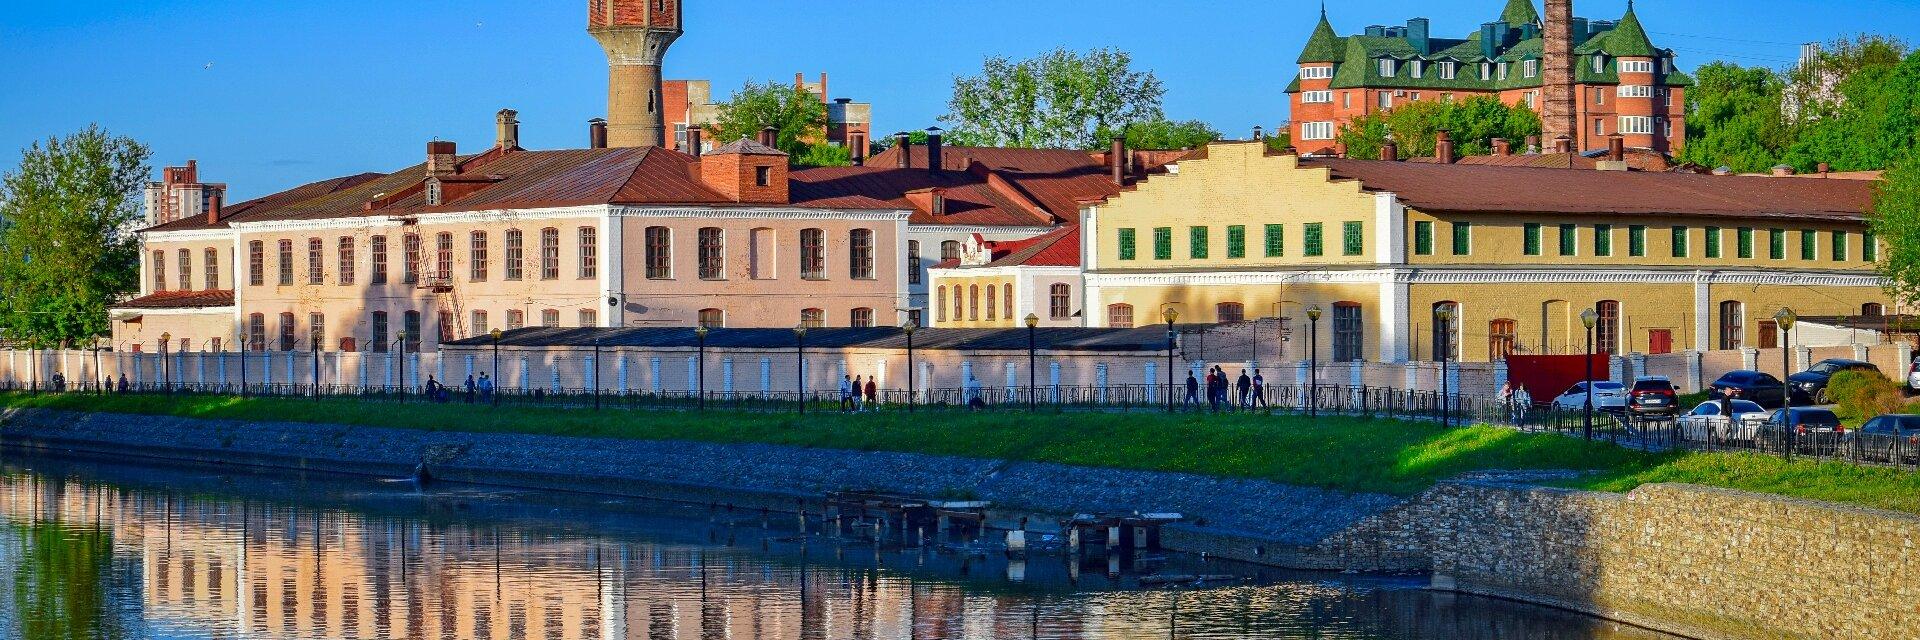 Поиск отелей в Иванове